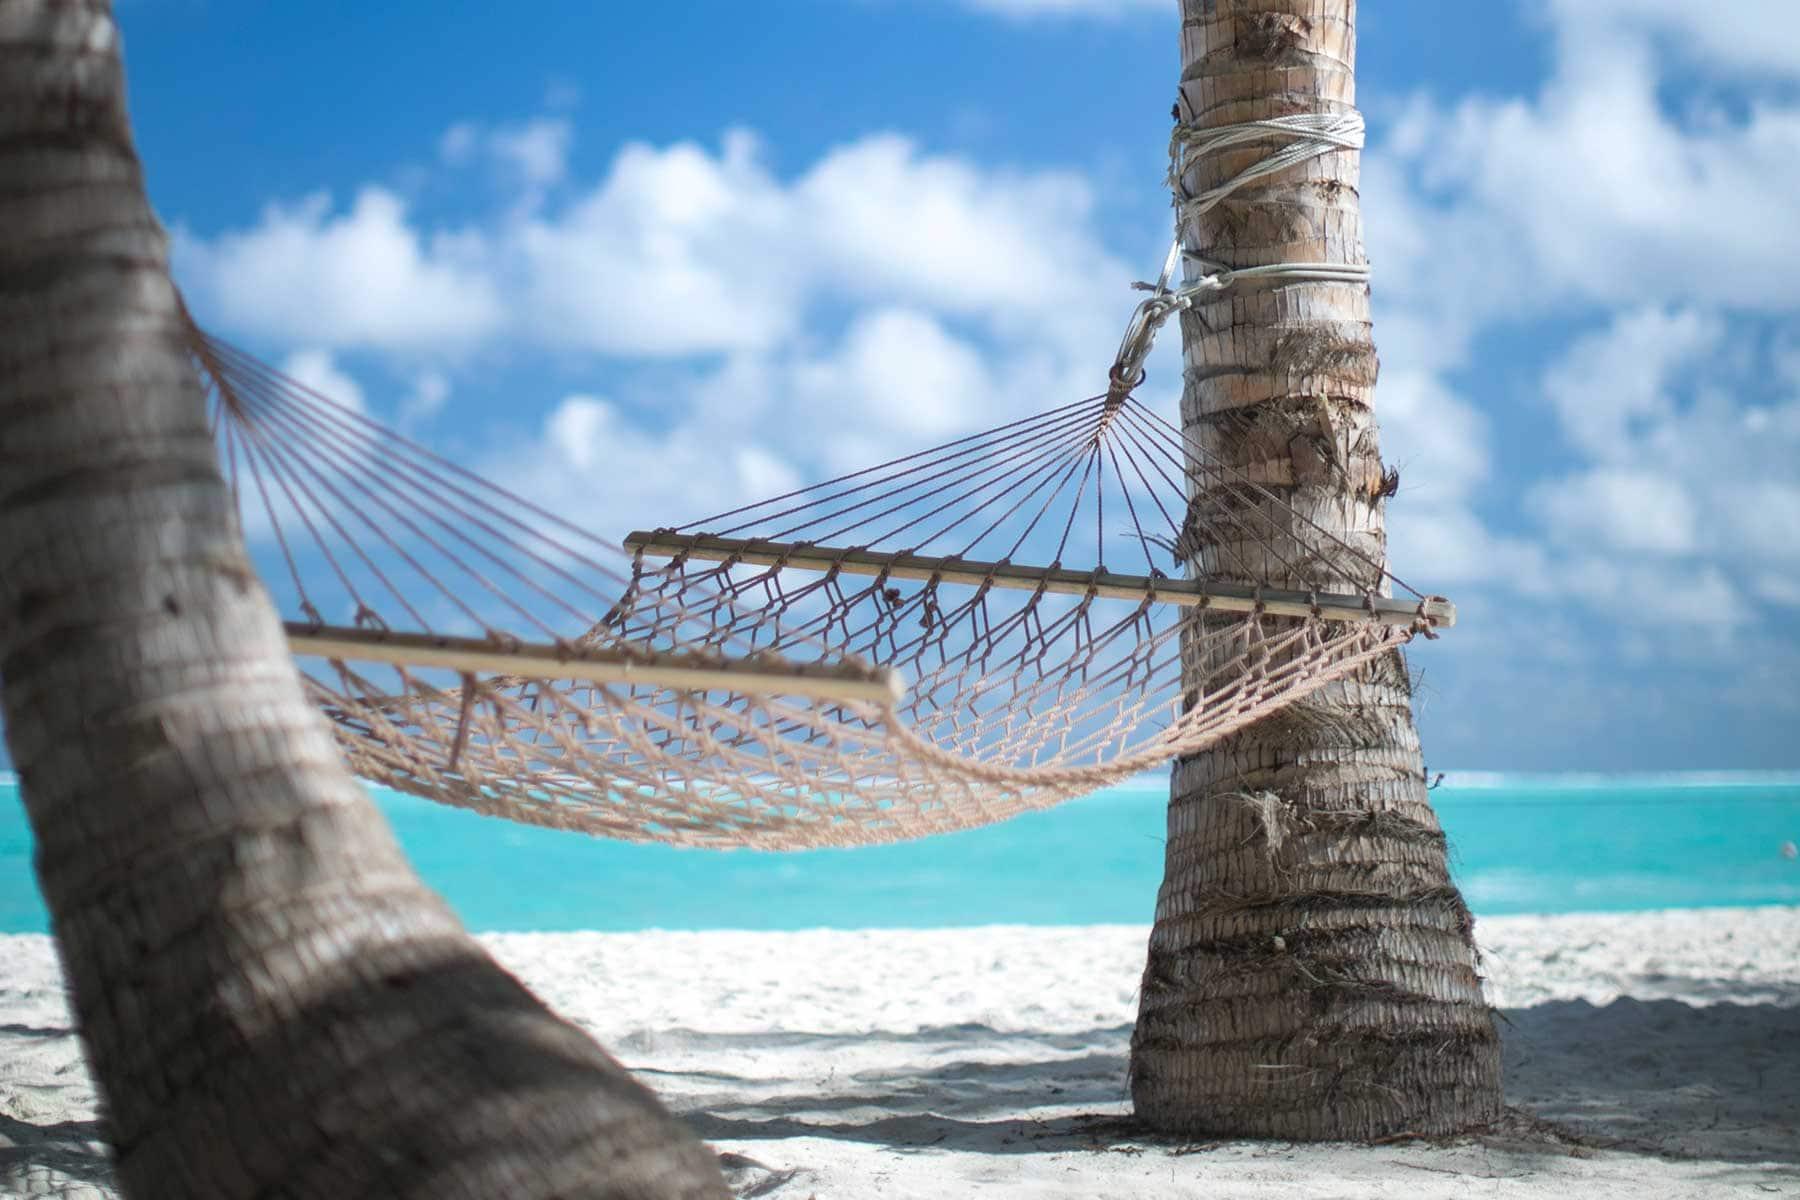 Resor-till-Maldiverna-med-Nygren-&-Lind-resebyrå--hängmatta